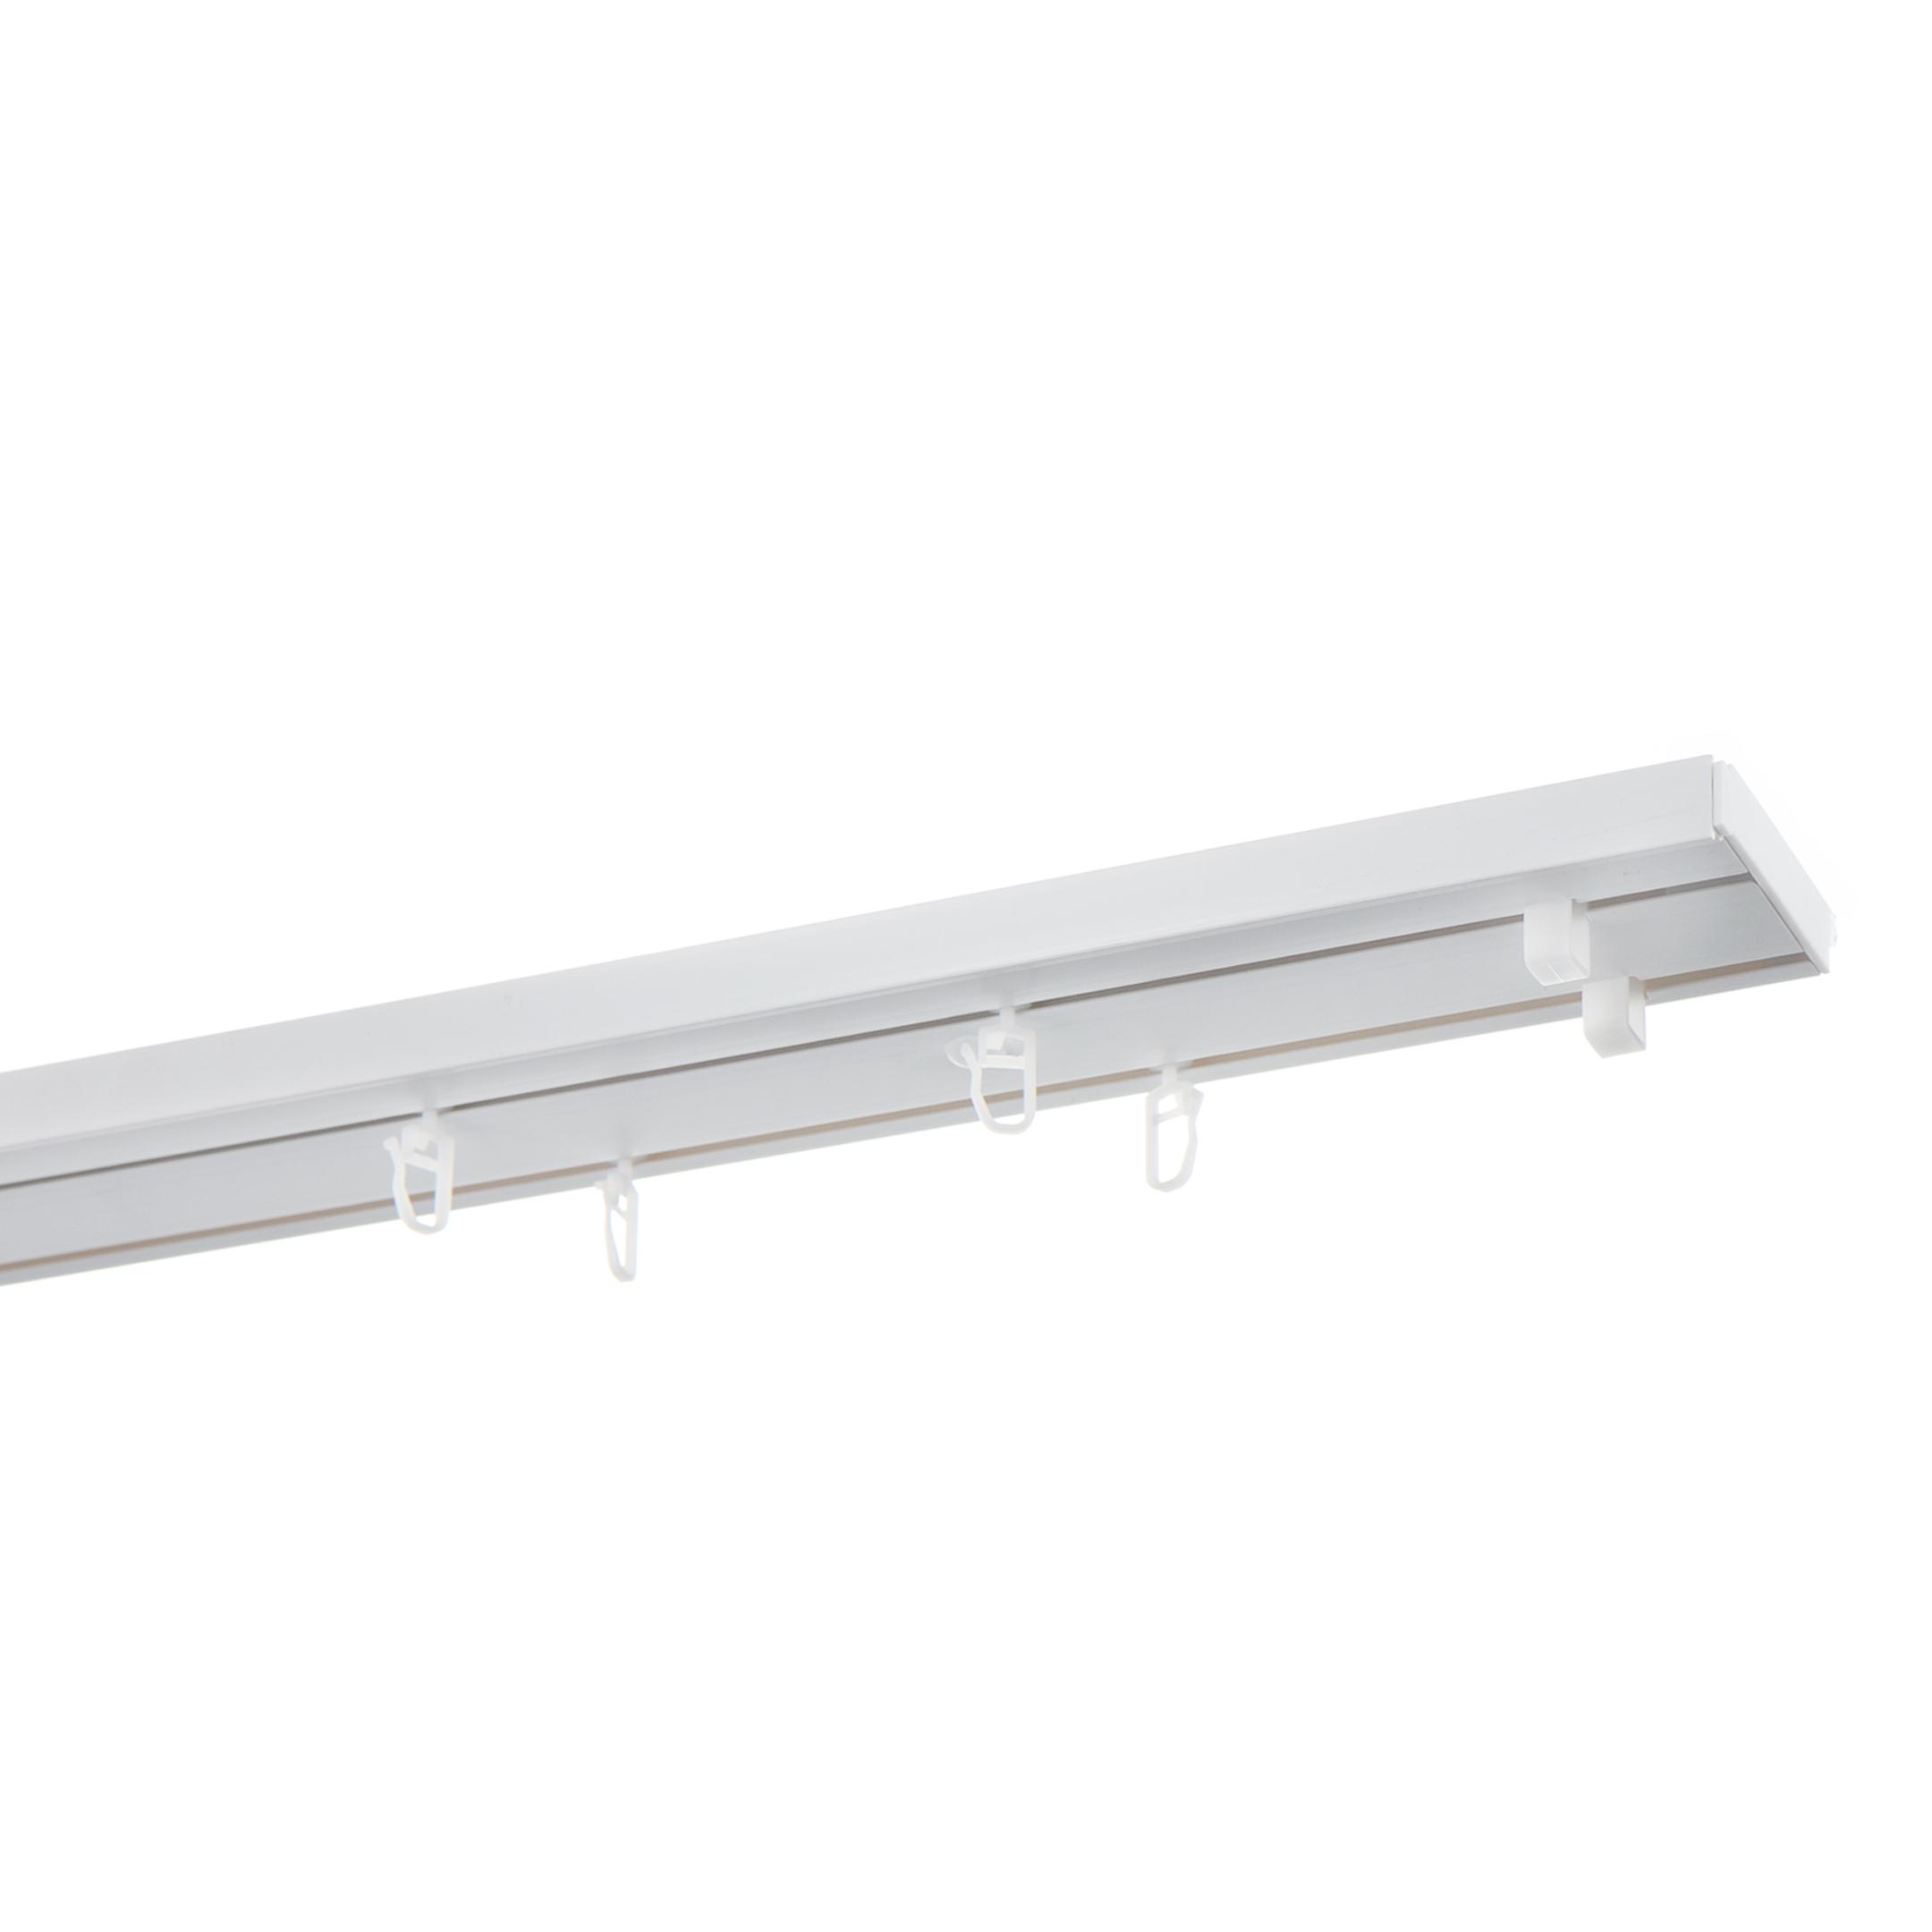 Фото - Карниз потолочный пластмассовый двухрядный Стандартный 160 см белый карниз потолочный пластмассовый двухрядный стандартный 200 см белый